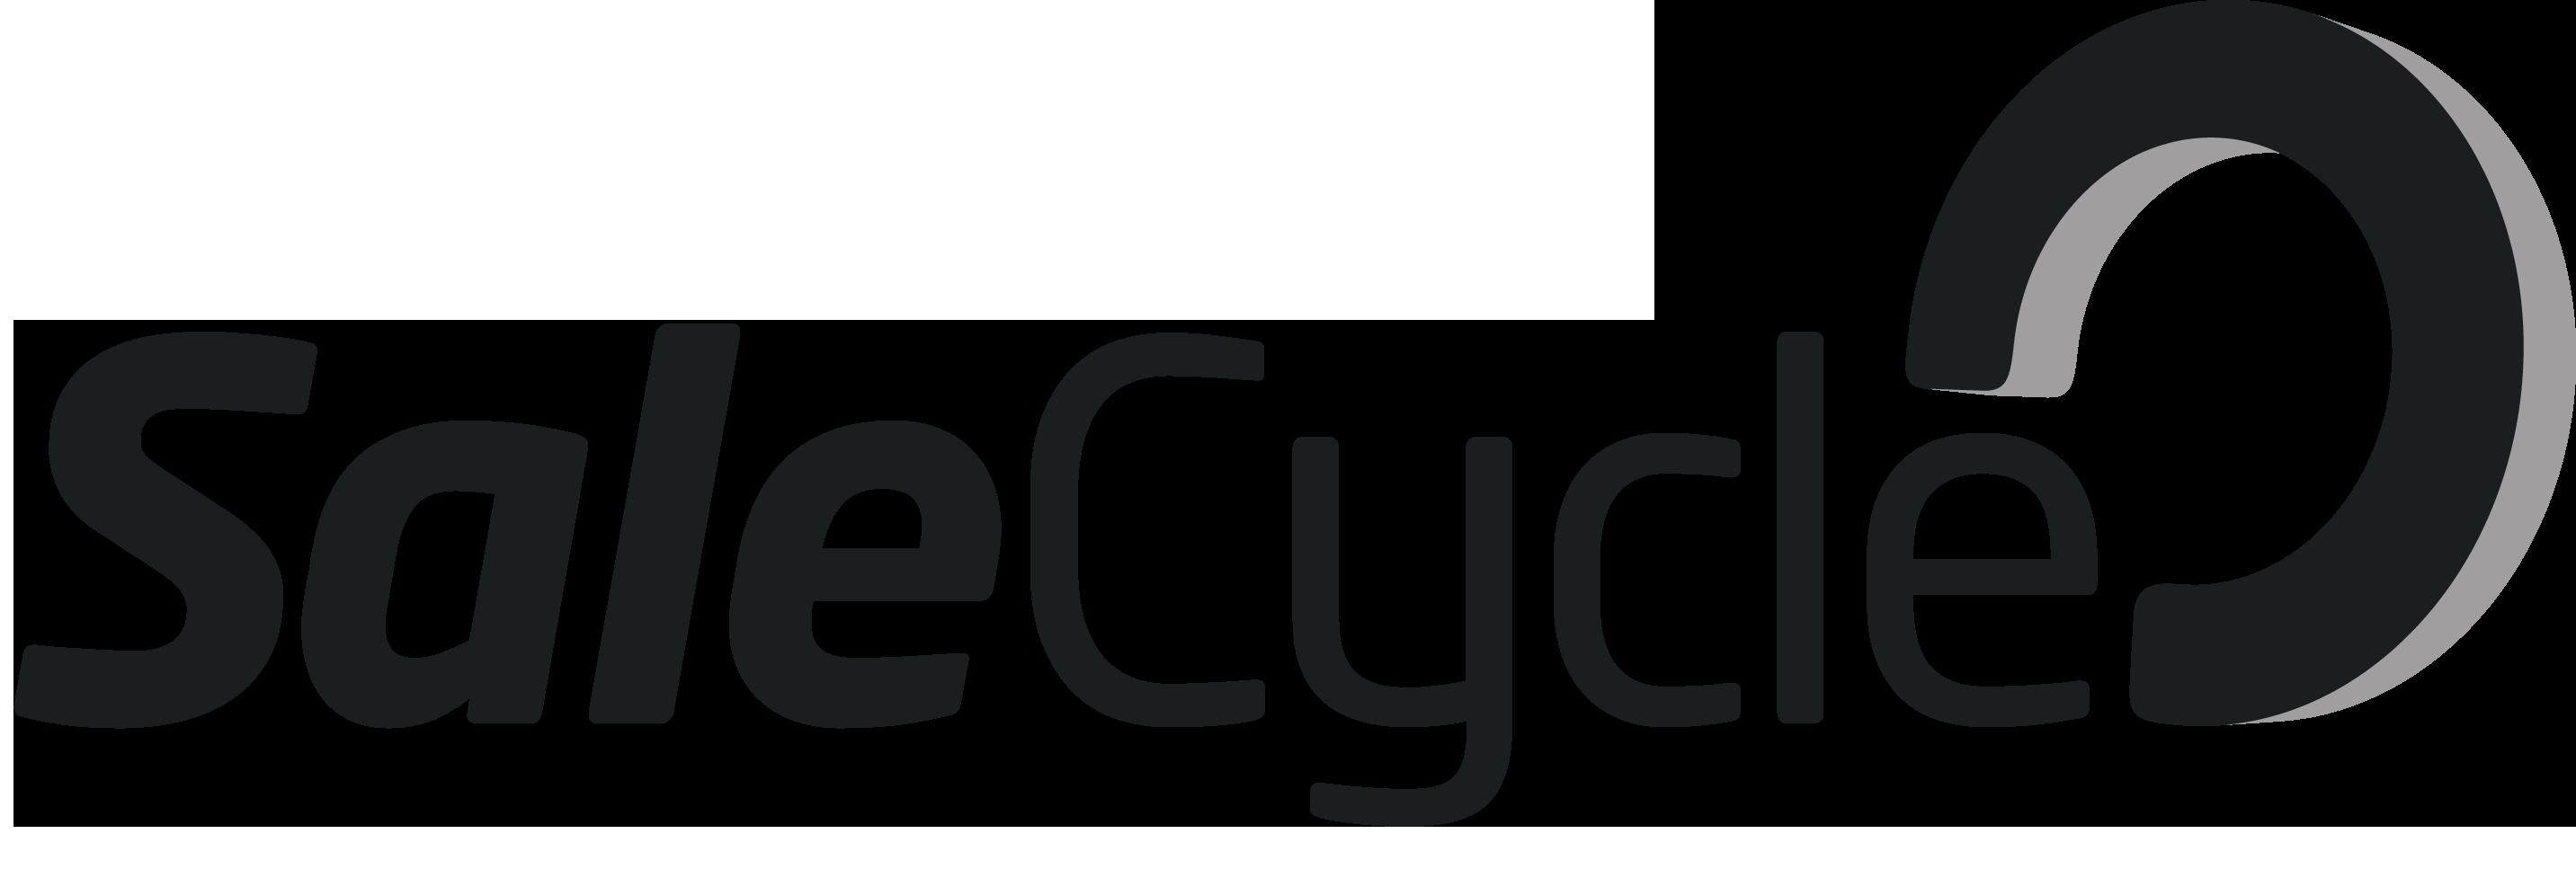 Logotipo de SaleCycle